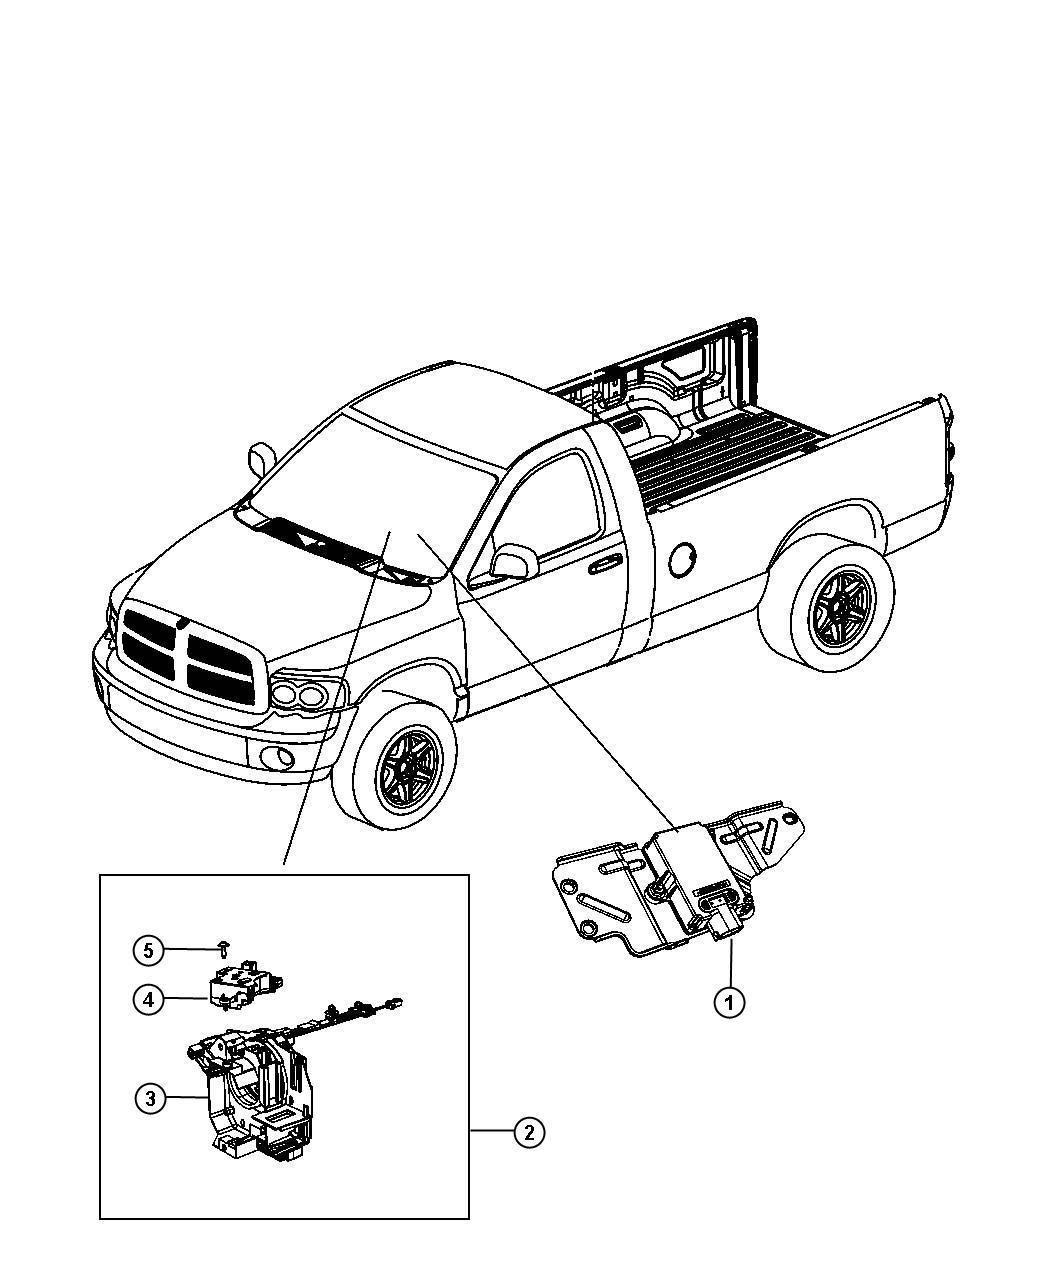 2009 dodge ram 1500 sensor  angle sensor  clockspring kit